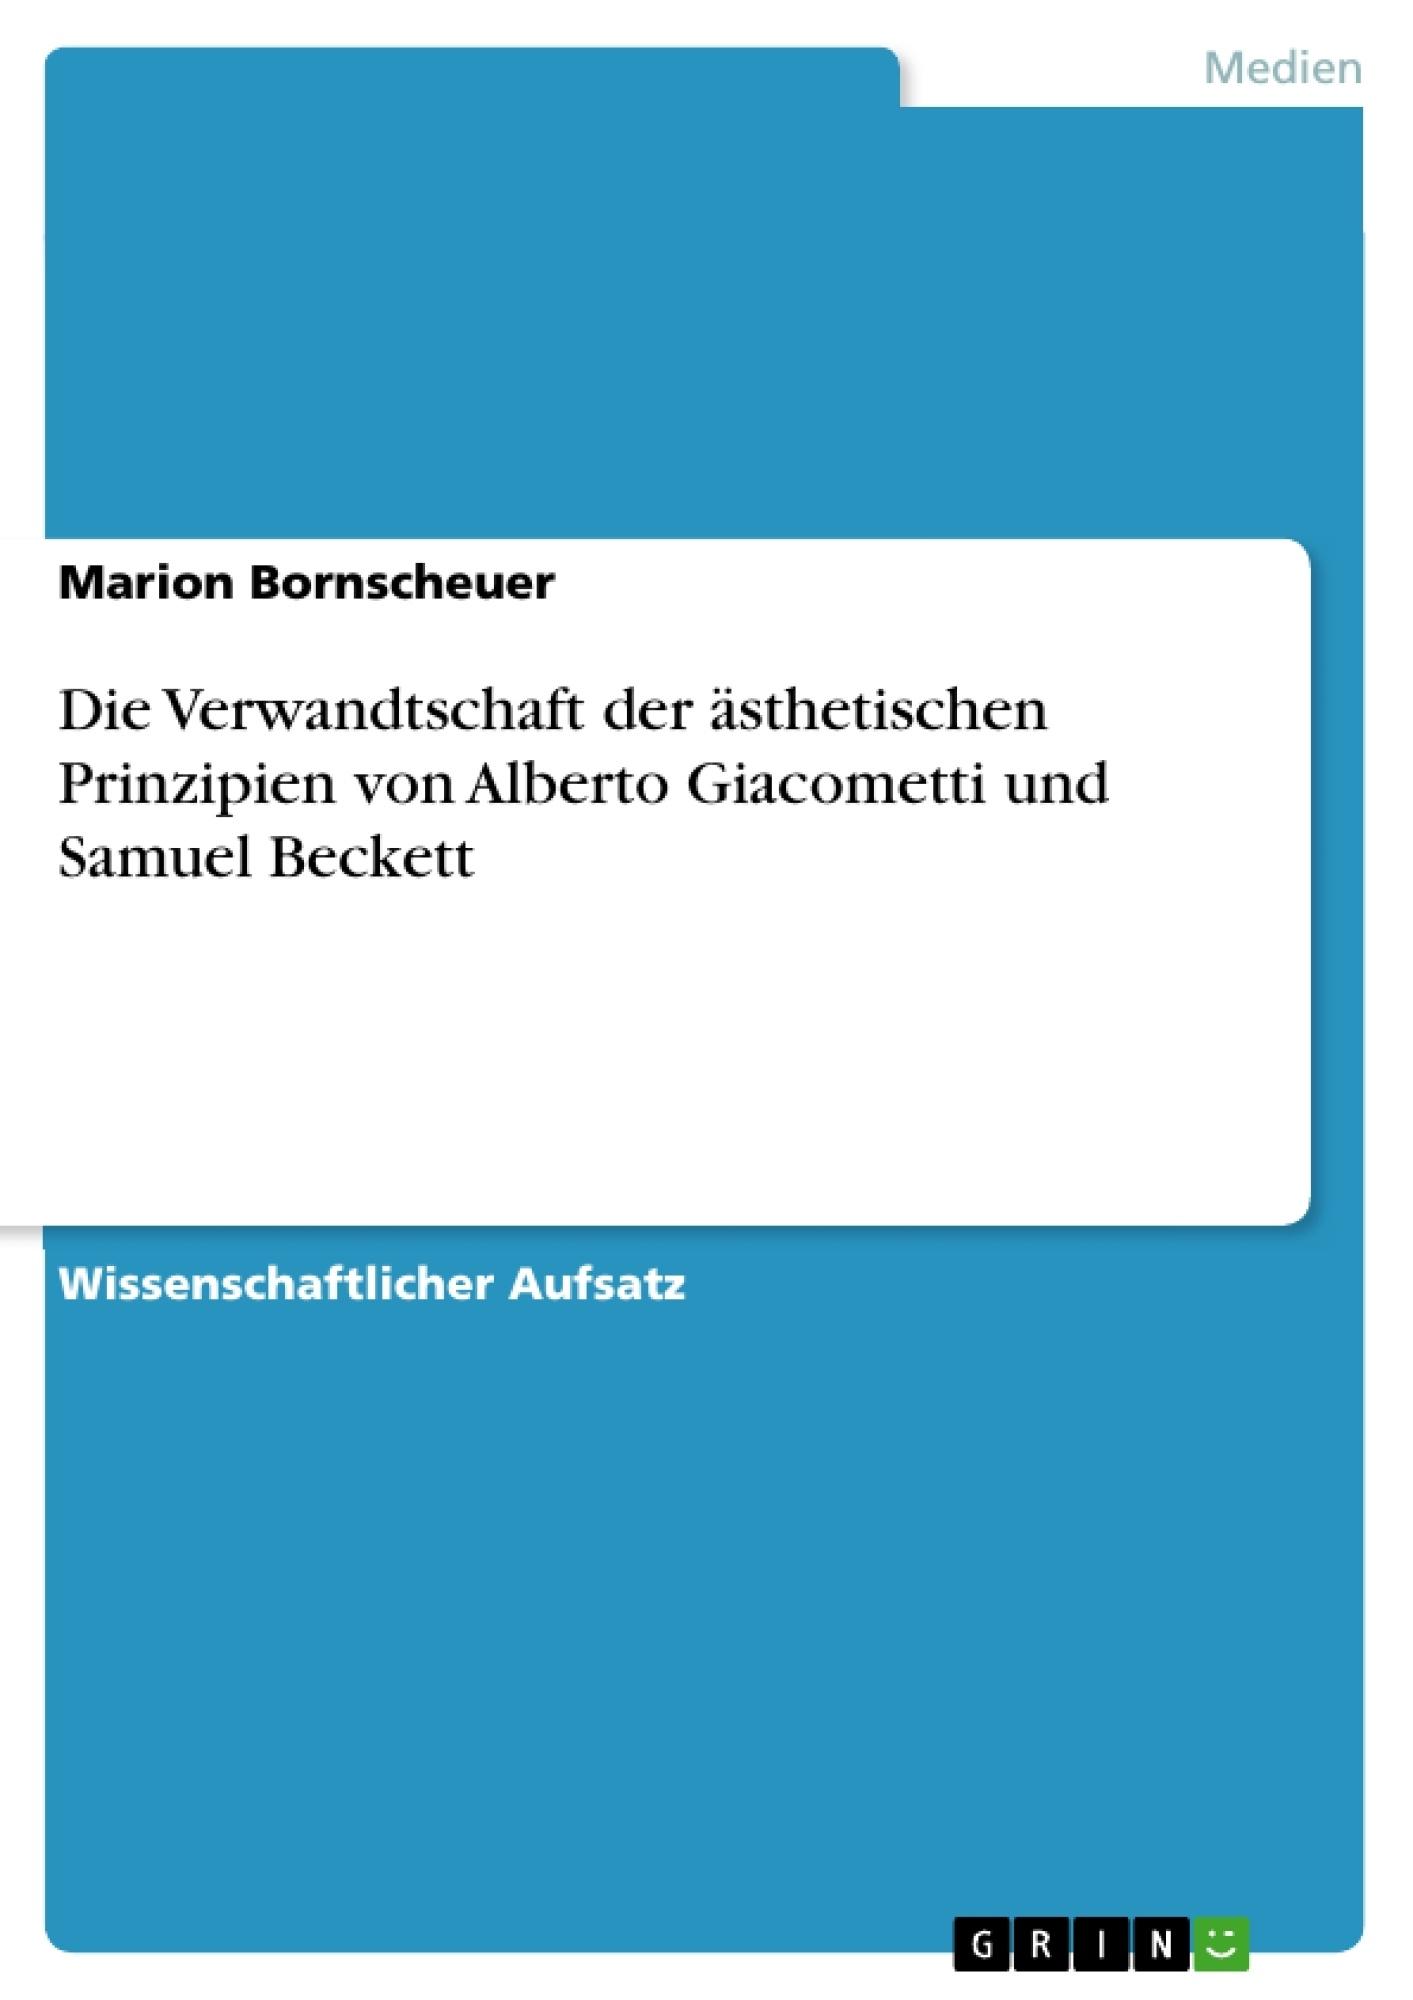 Titel: Die Verwandtschaft der ästhetischen Prinzipien von Alberto Giacometti und Samuel Beckett